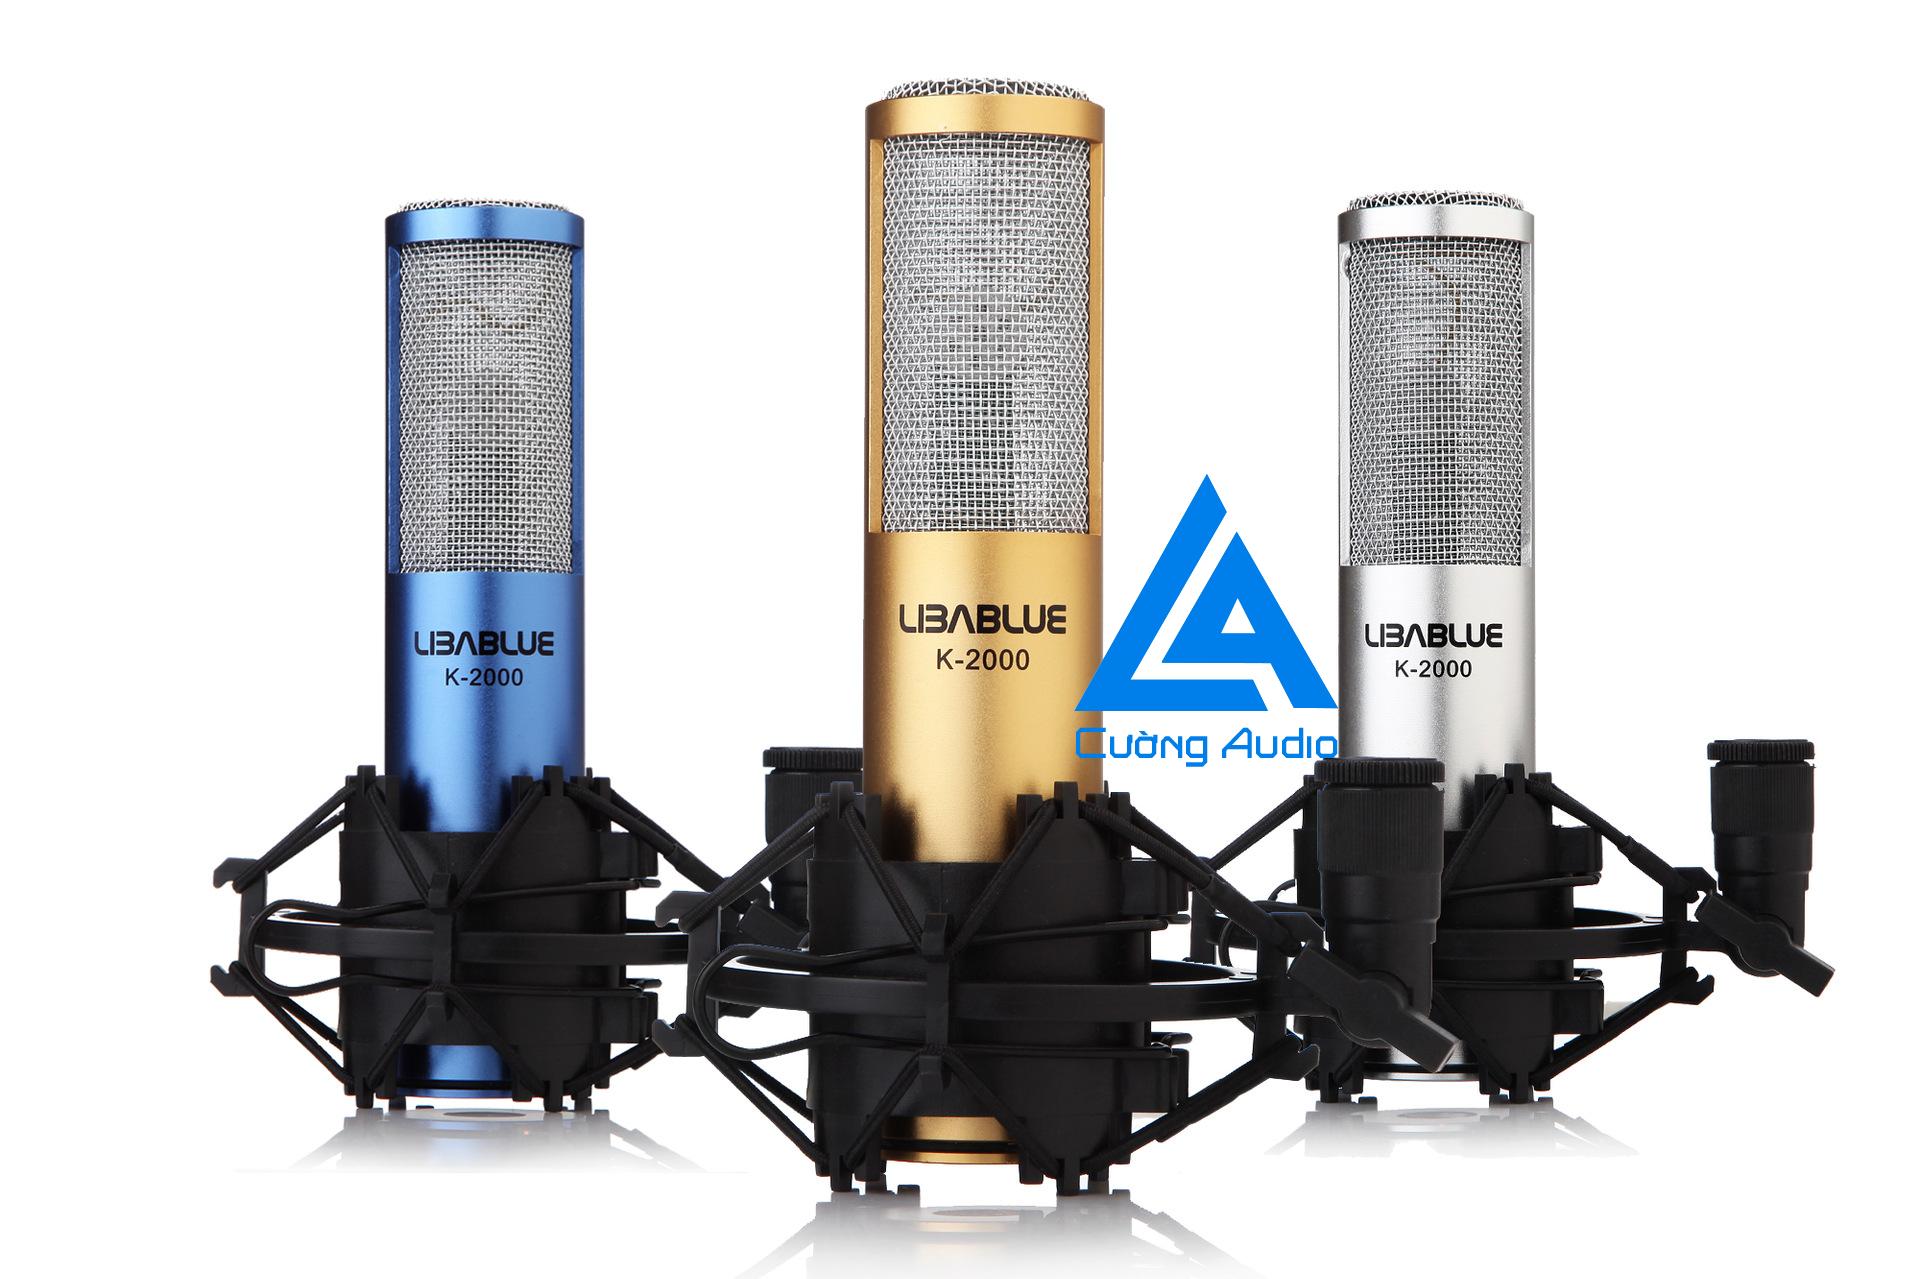 Micro thu âm LIBABLUE K-2000 chất lượng giá rẻ cho sinh viên tầm trung